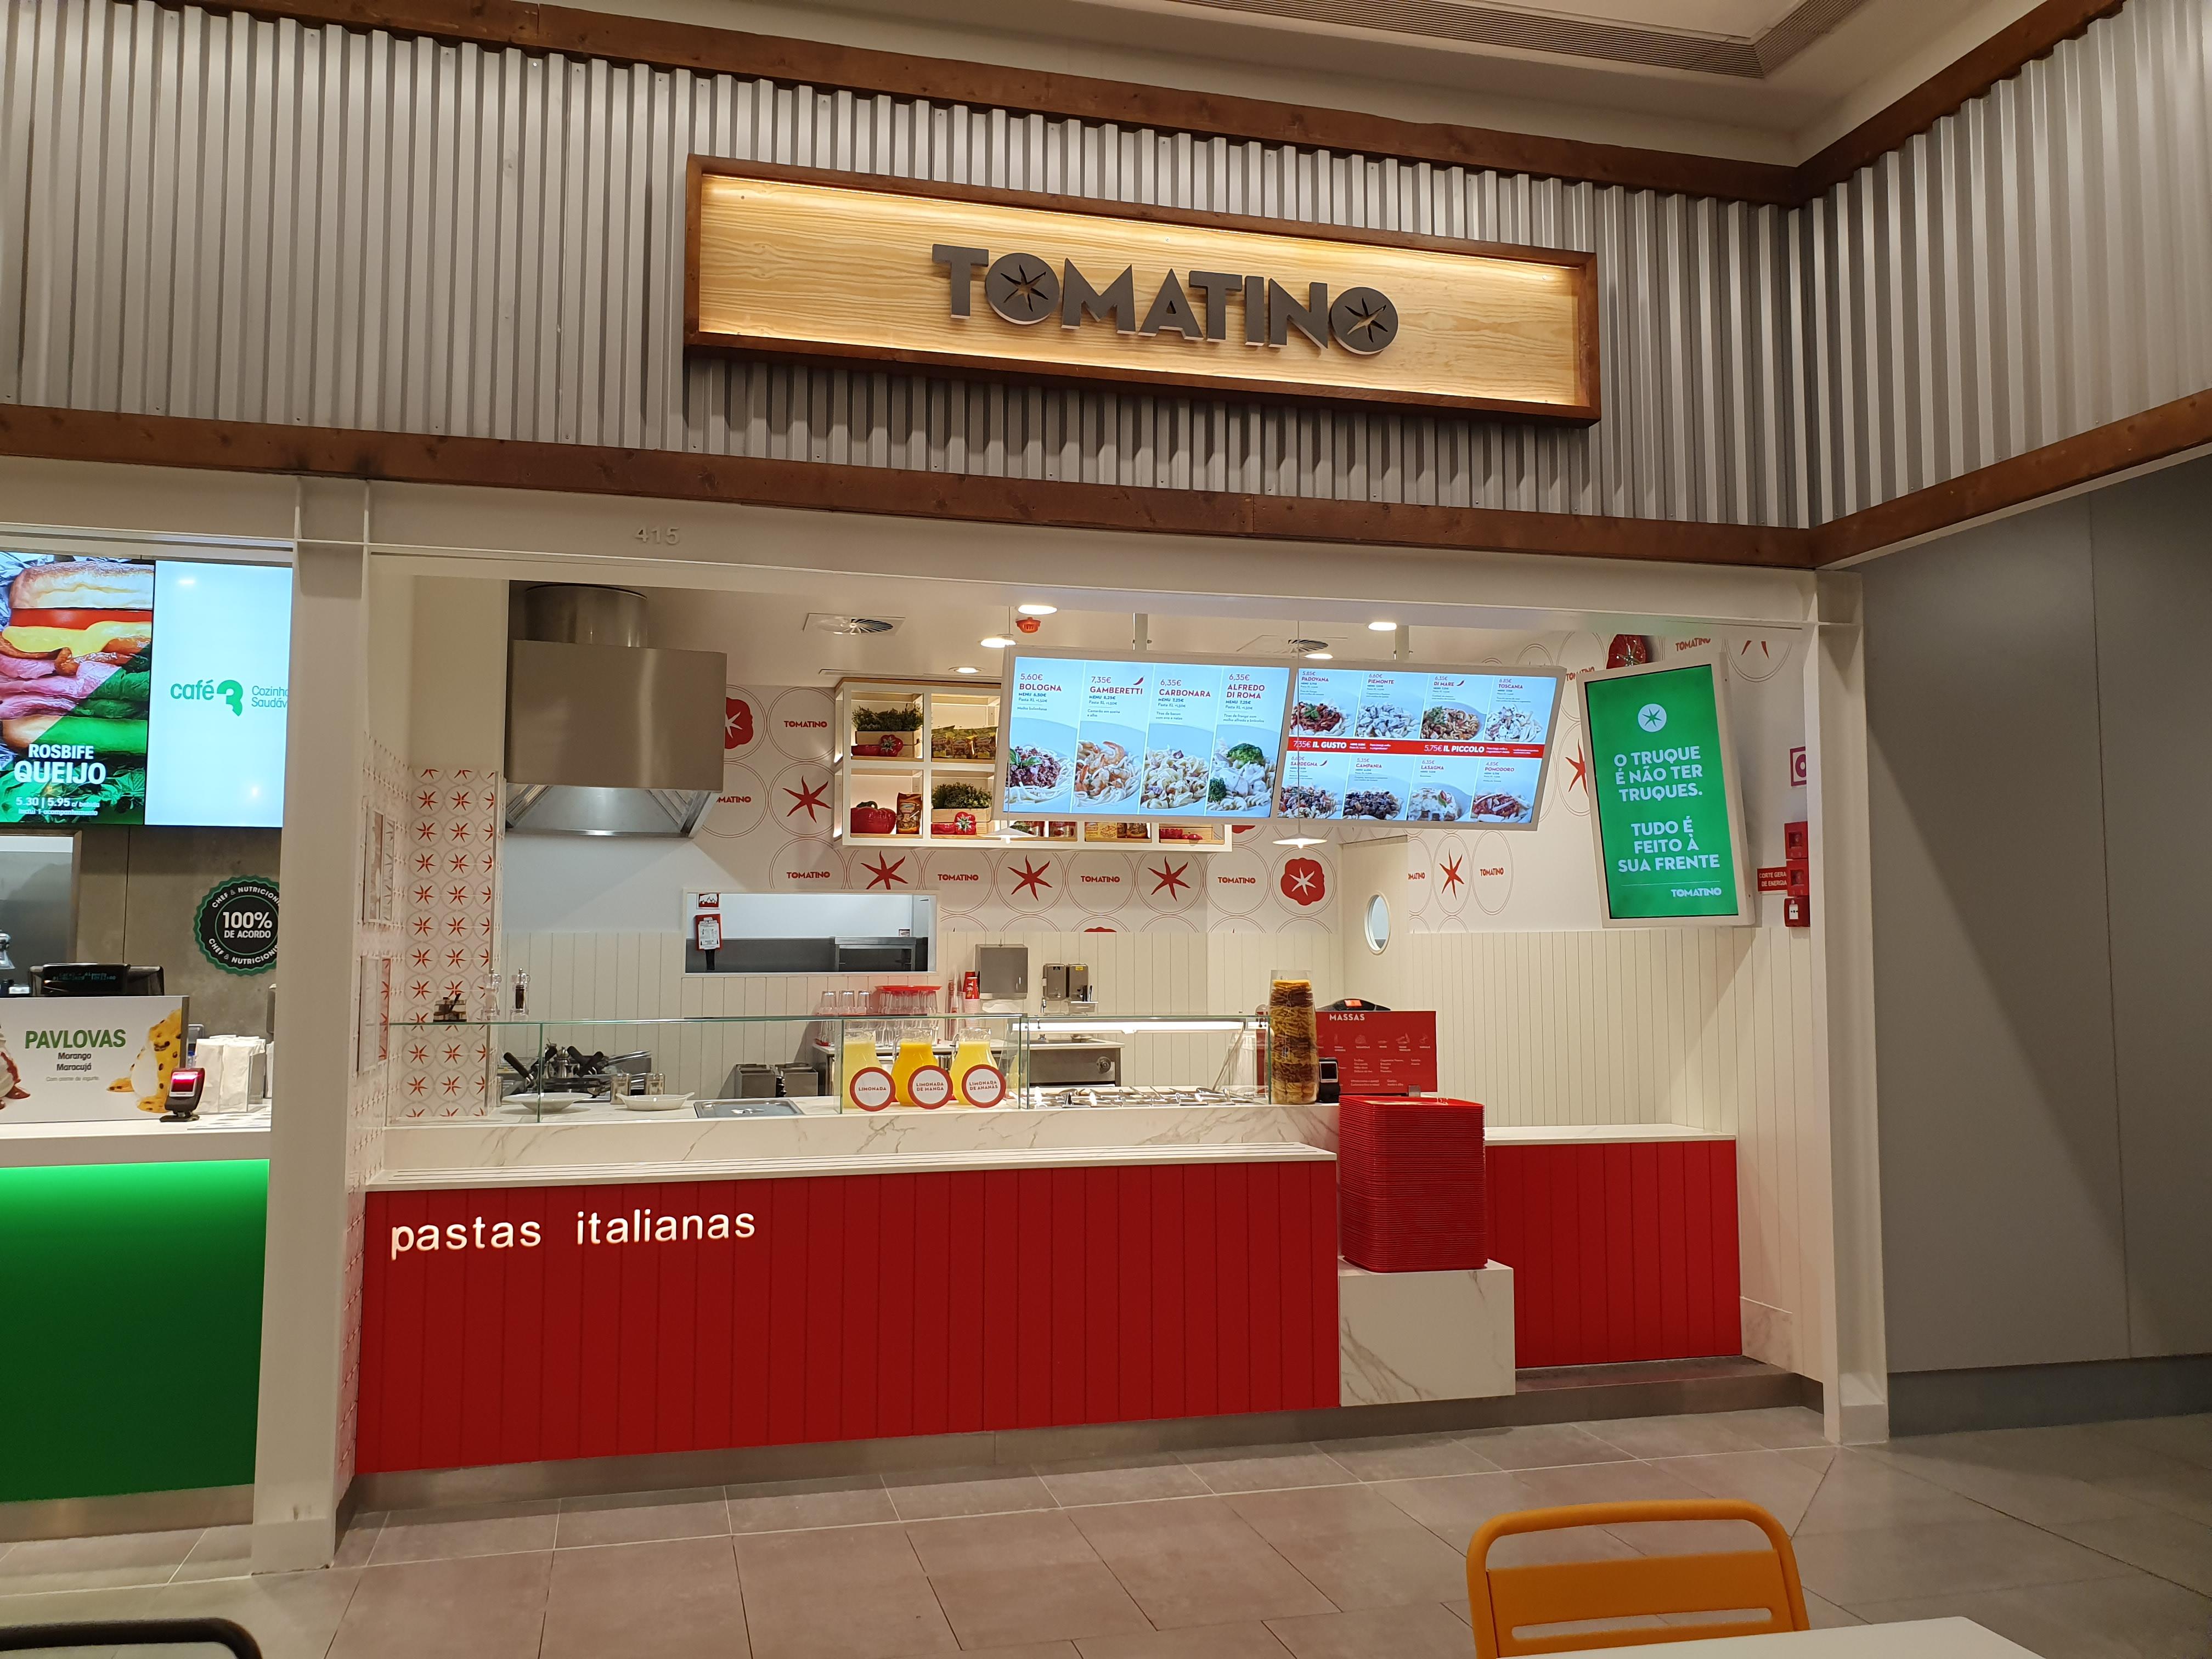 (Português) Tomatino